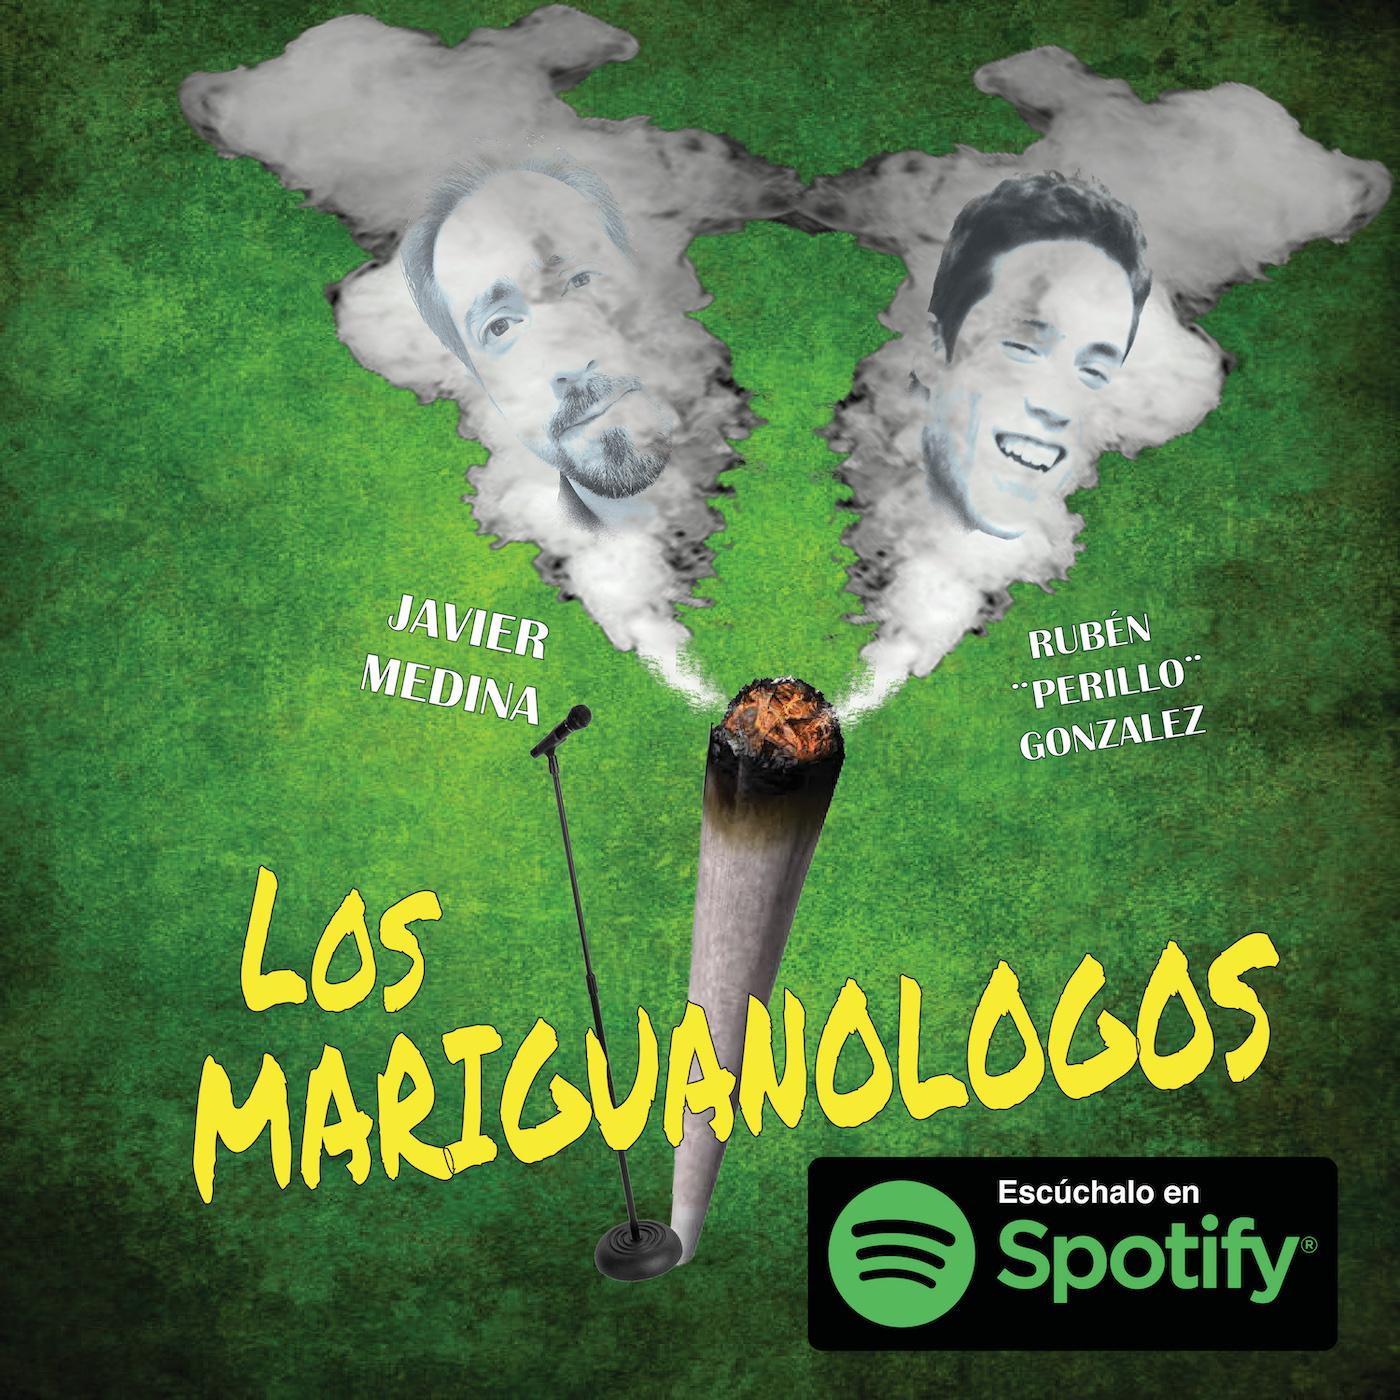 Los Marigunologos